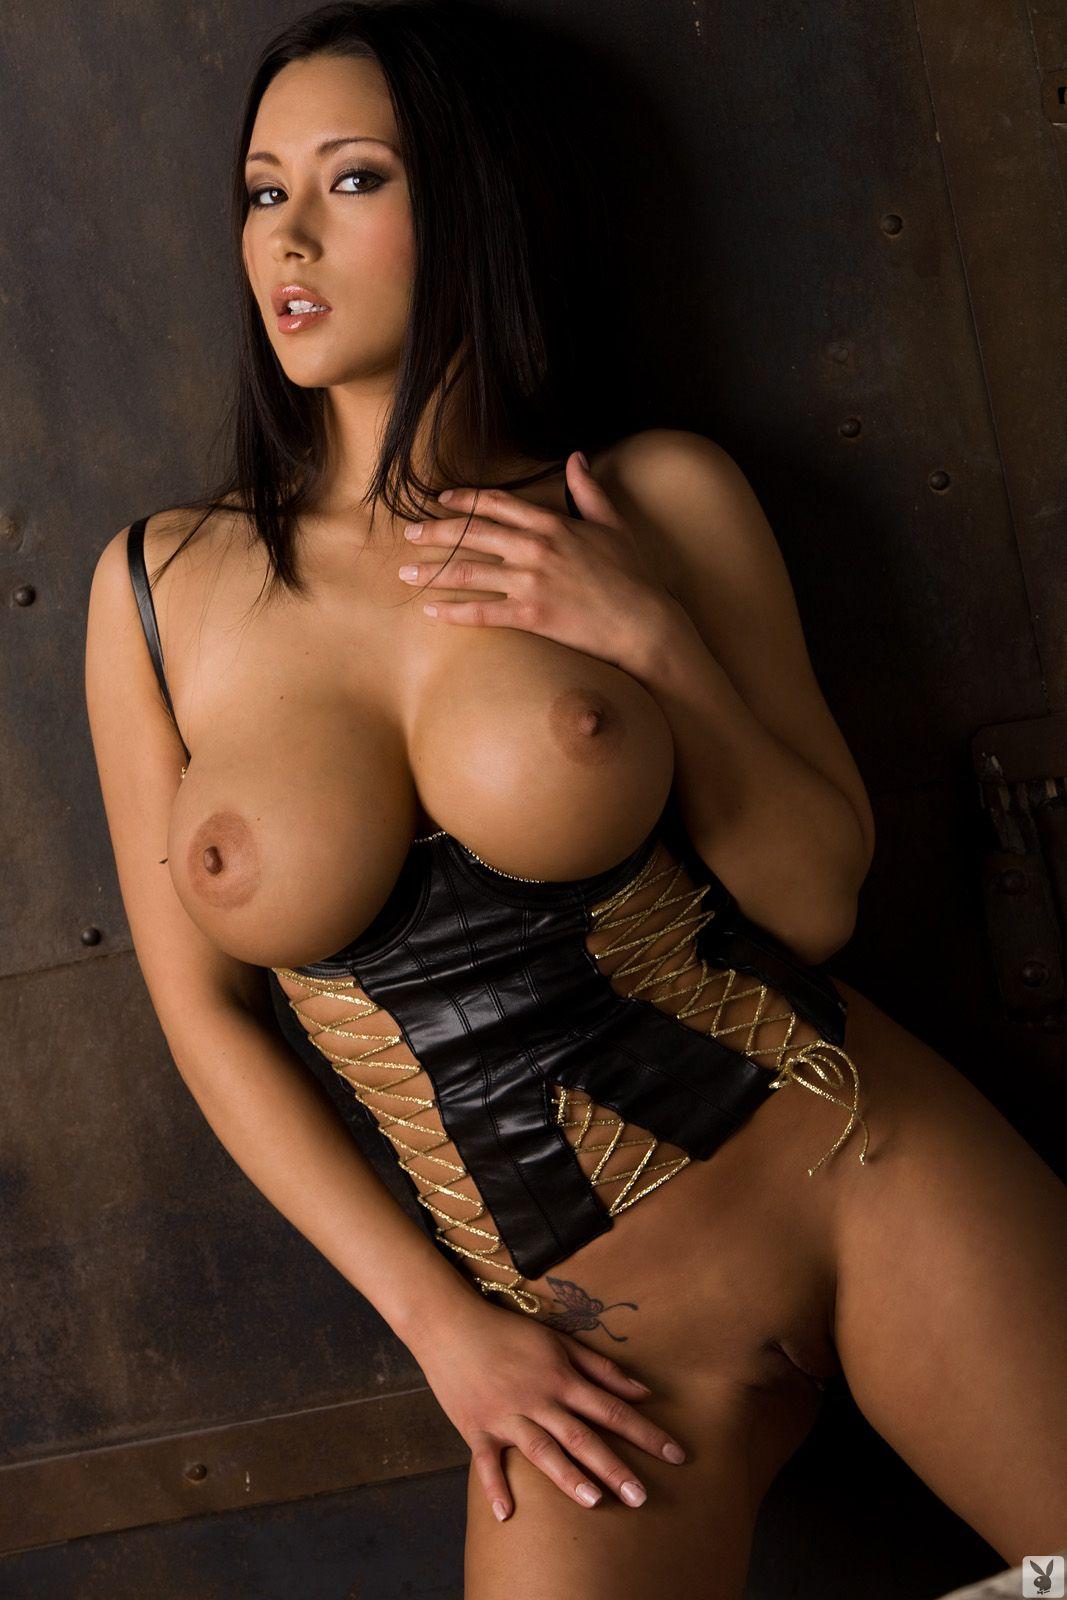 hot brunette actress